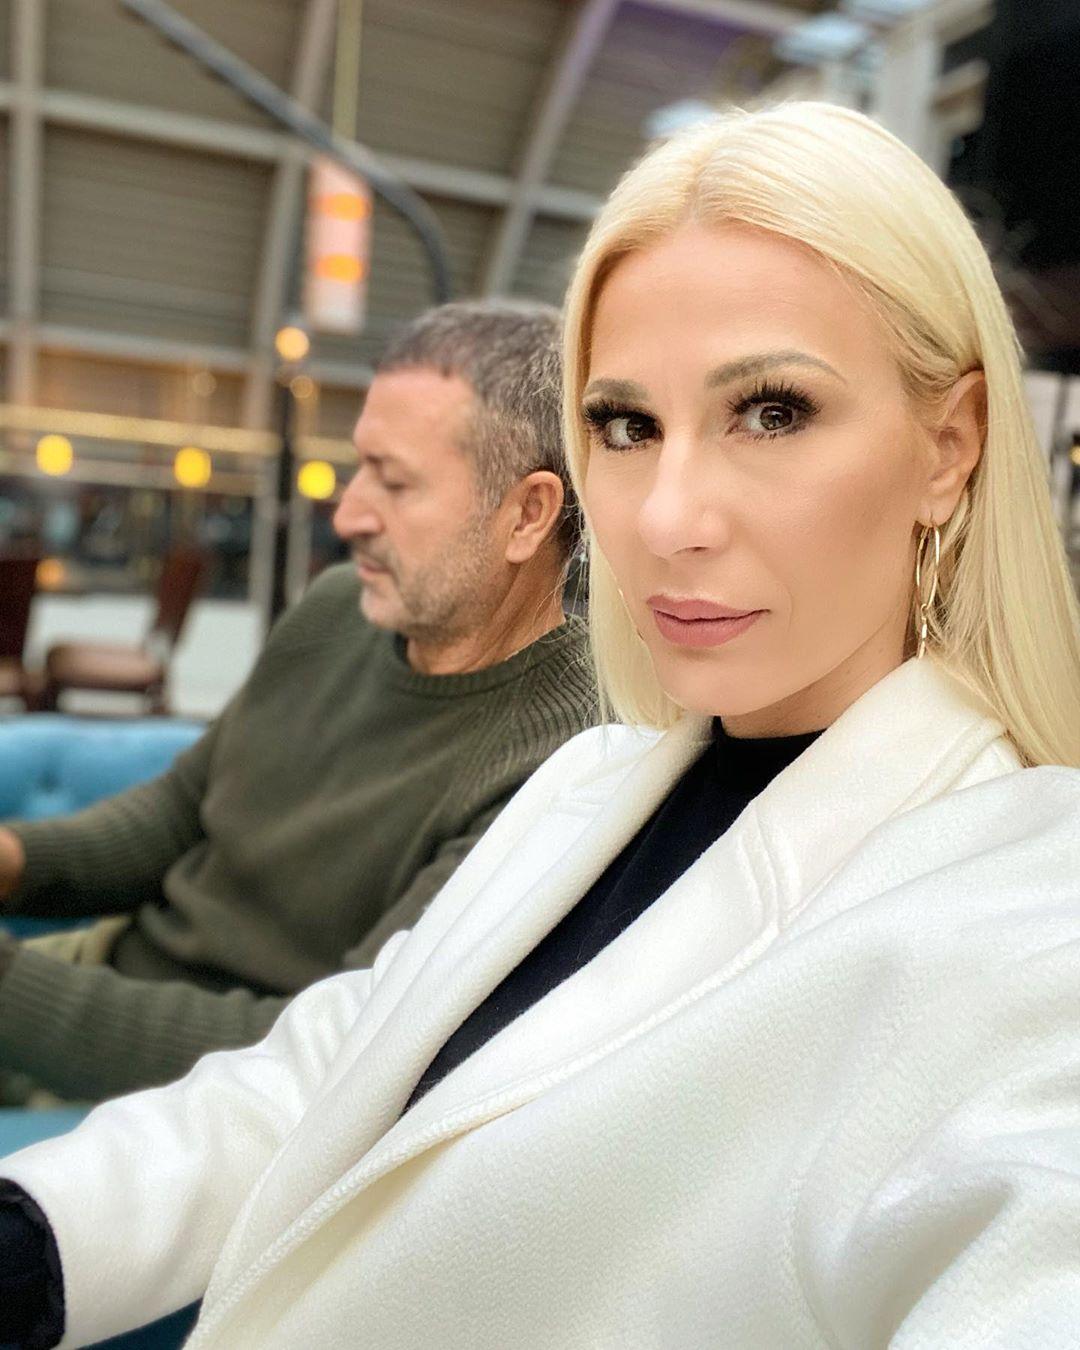 """""""IZ STANA SE ČULA VIKA, PSOVANJE"""": Komšije kažu da su htele da zovu policiju zbog haosa u domu Đoganijevih nakon prevare!"""